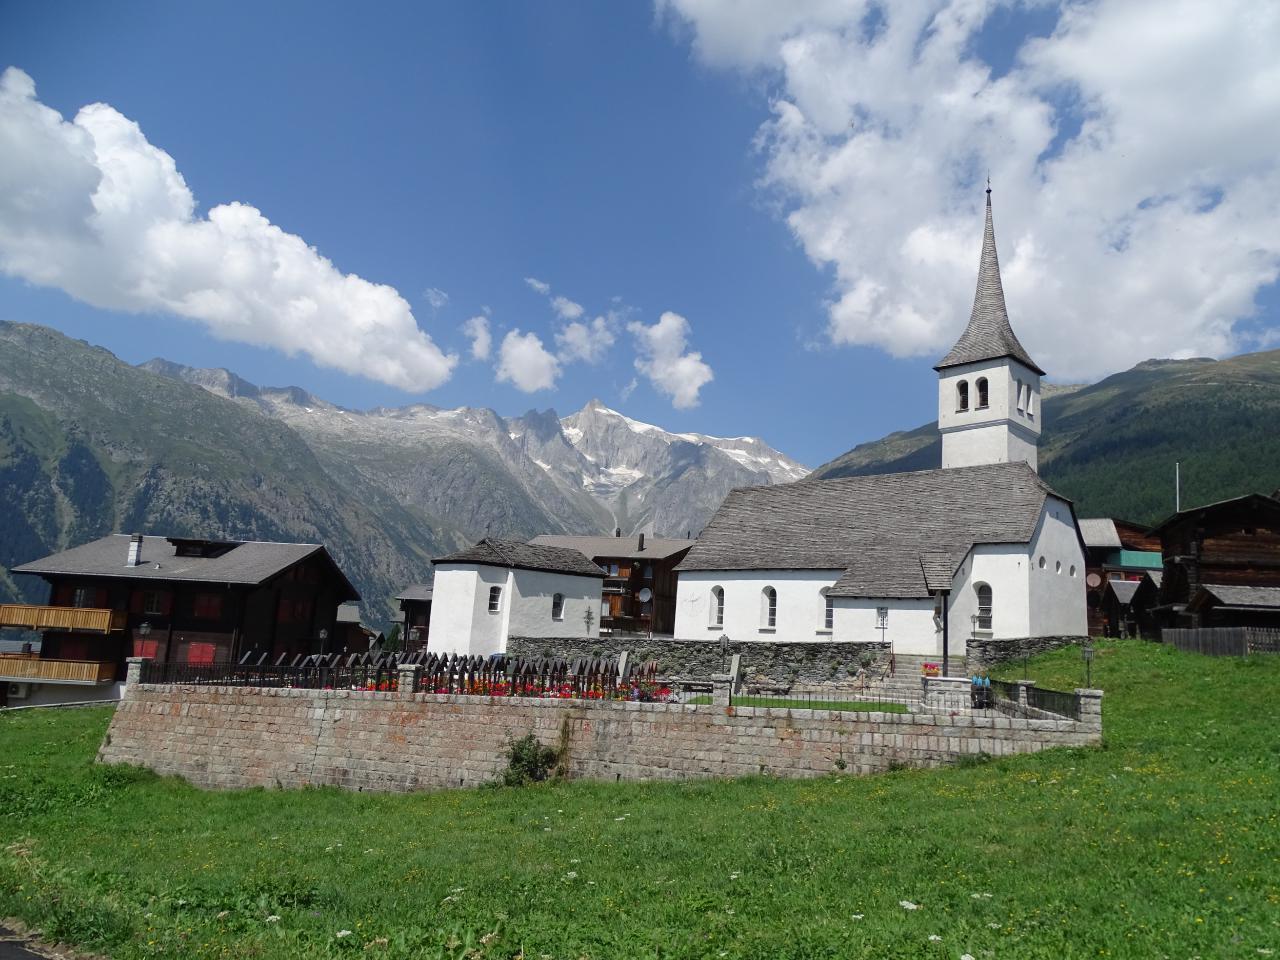 Appartement de vacances Chalet Stefanino, 2 1/2 Zimmer (488625), Bellwald, Aletsch - Conches, Valais, Suisse, image 13